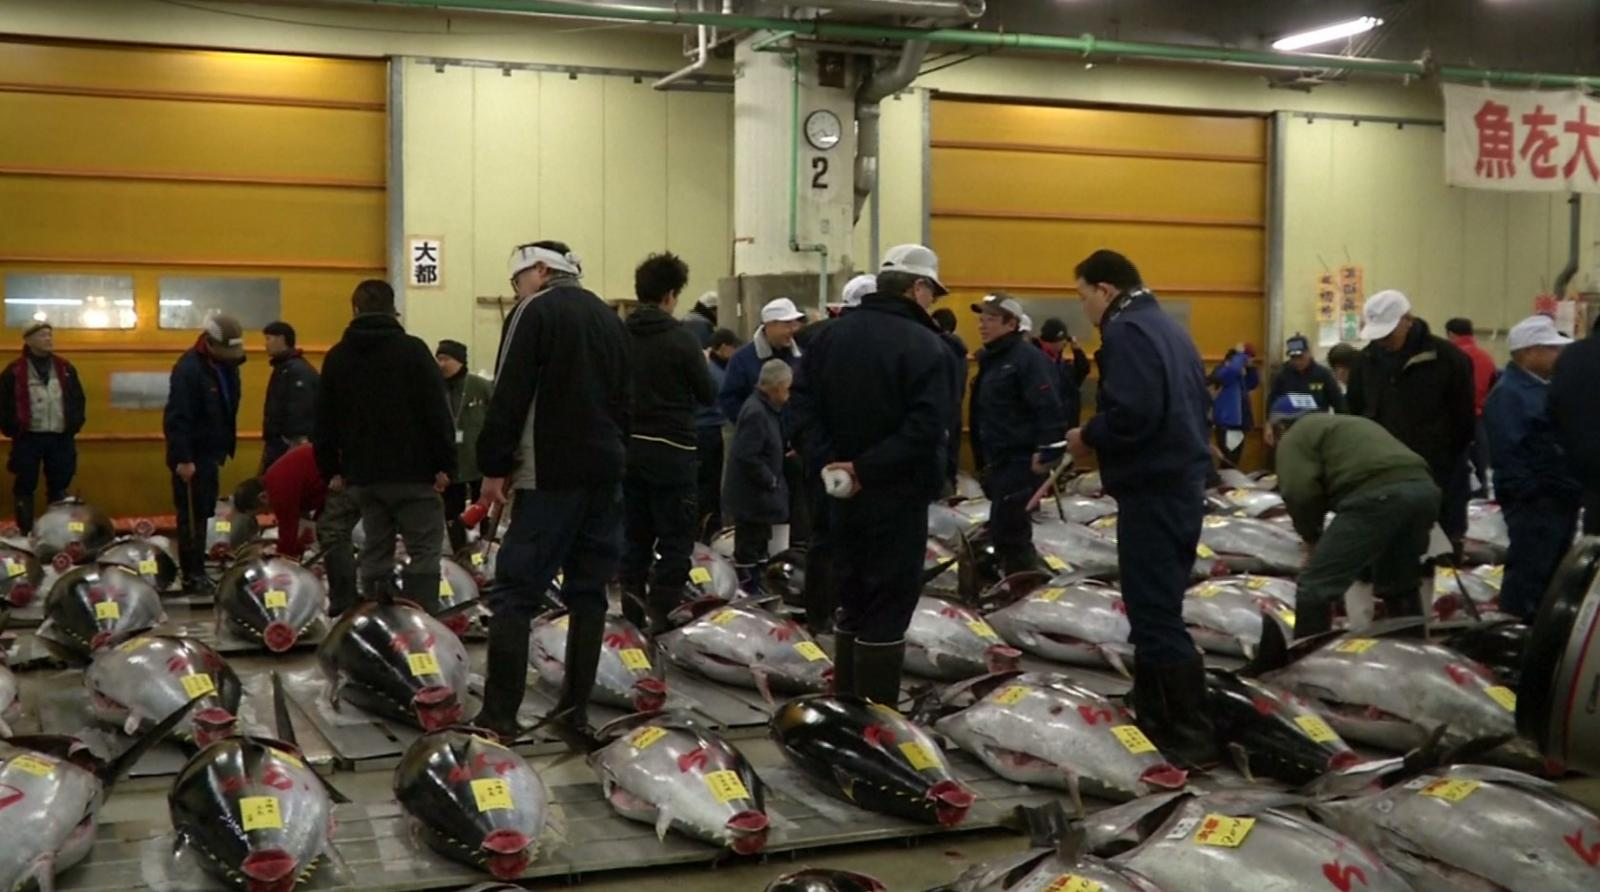 ตลาดปลาซึกิจิเปิดประมูลทูน่ายักษ์รับปีใหม่ครั้งสุดท้าย